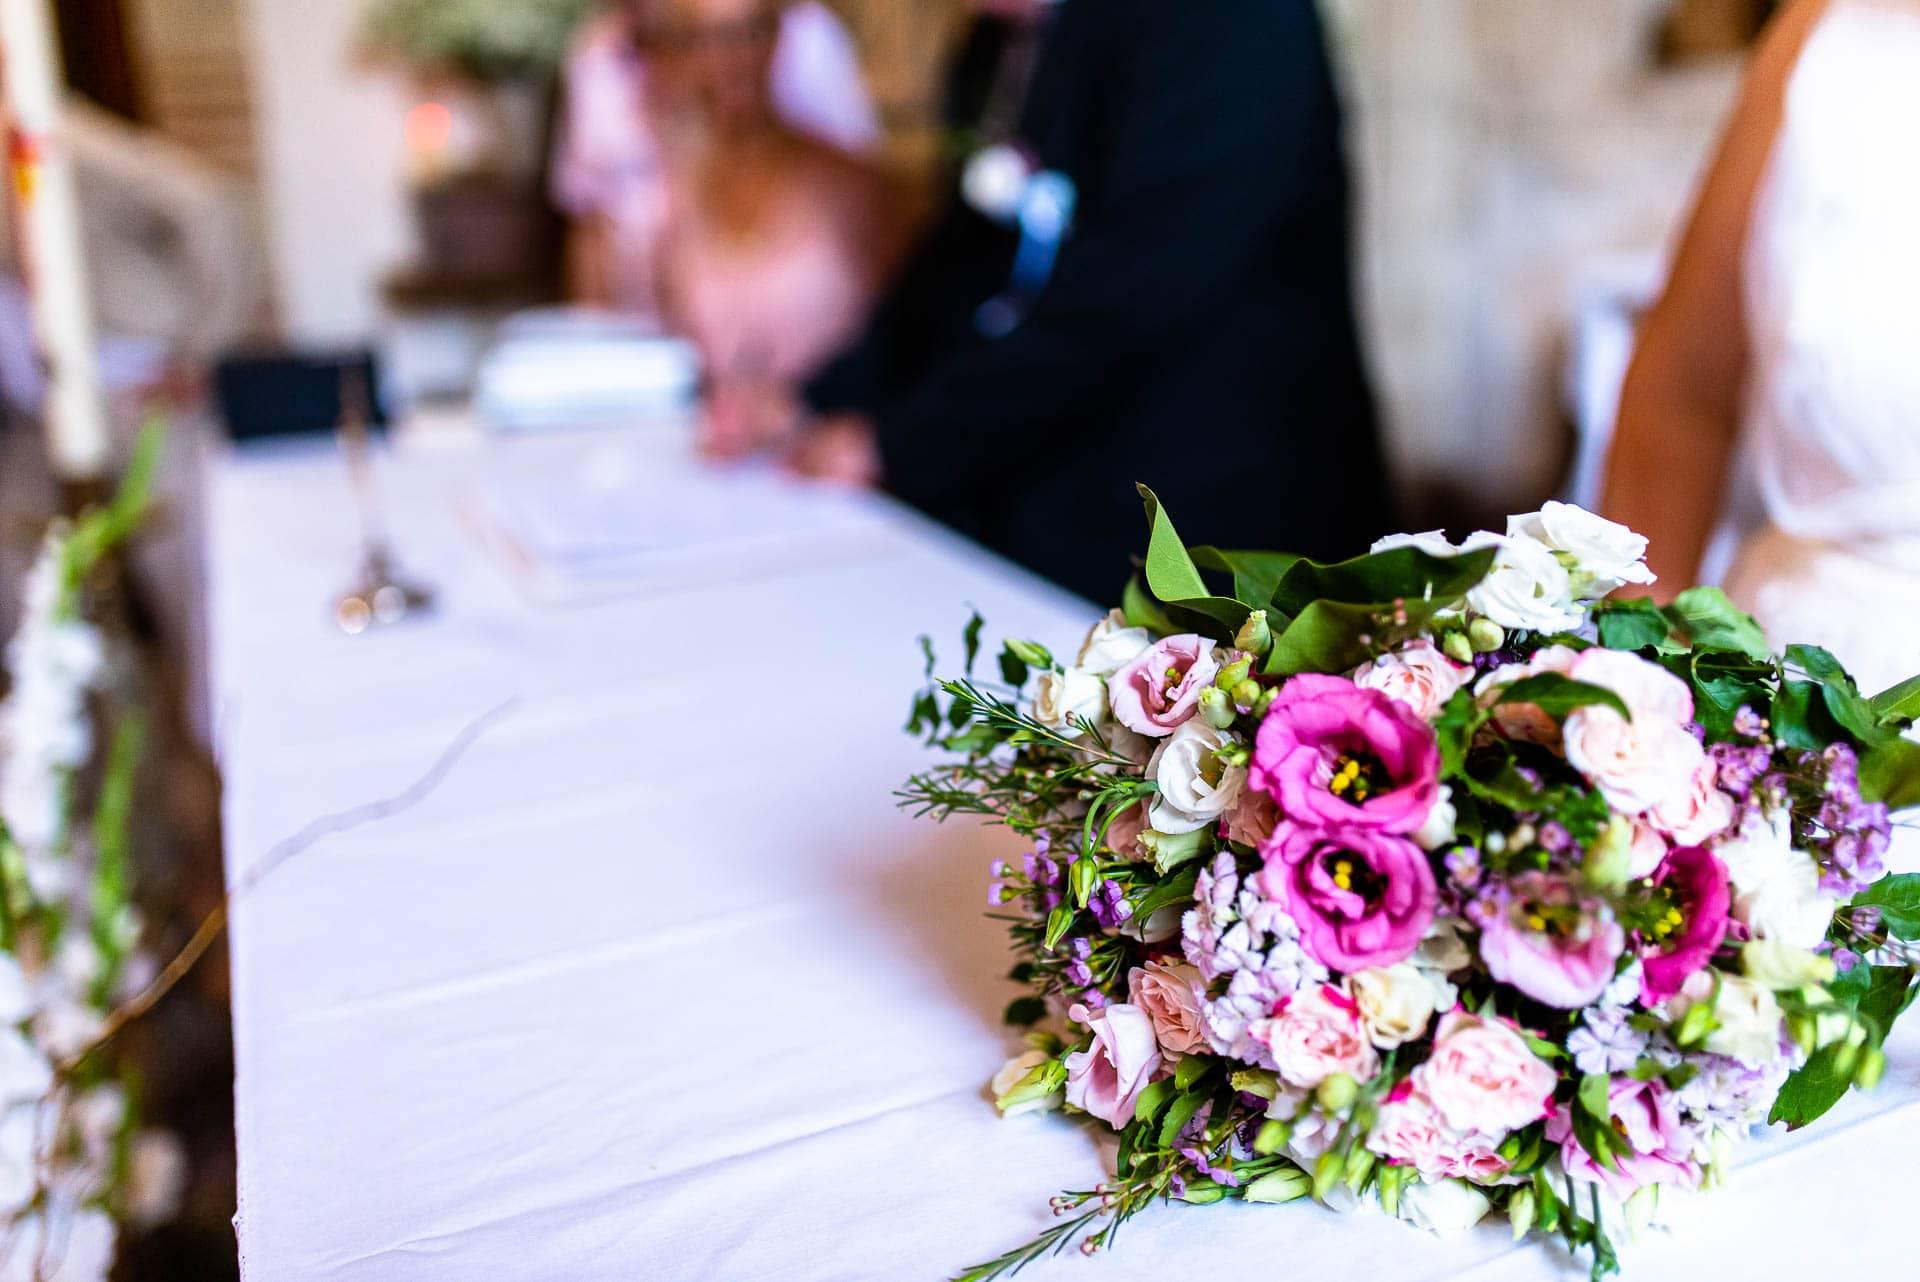 Le bouquet de la mariée lors du mariage religieux